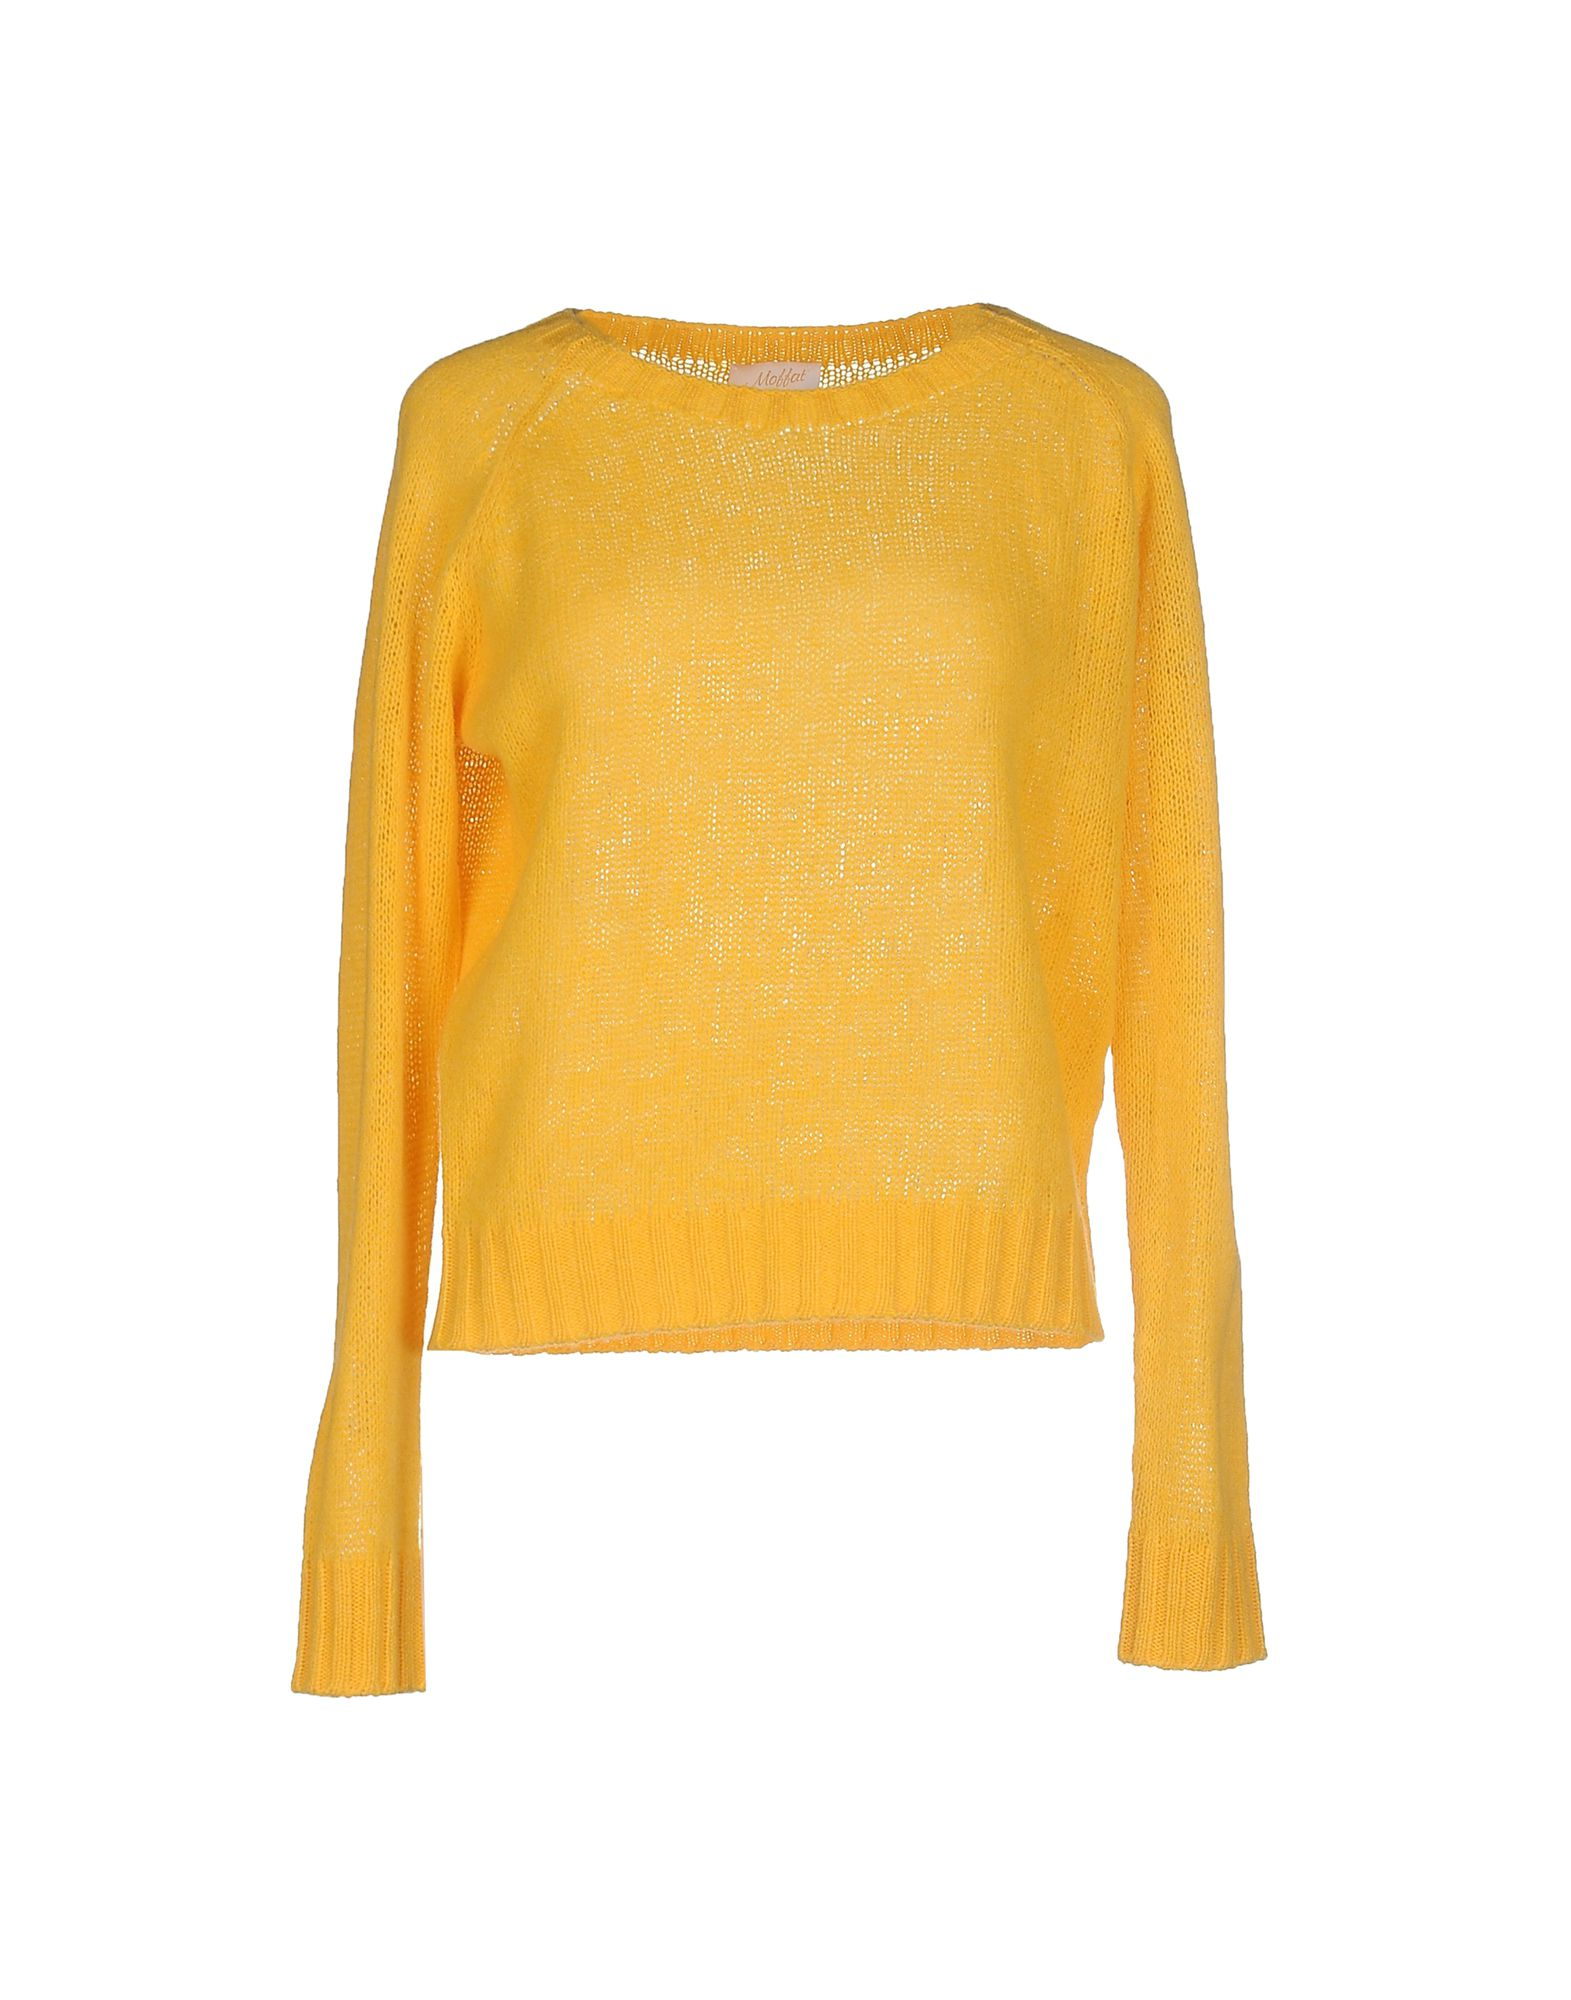 MOFFAT Sweater in Ocher